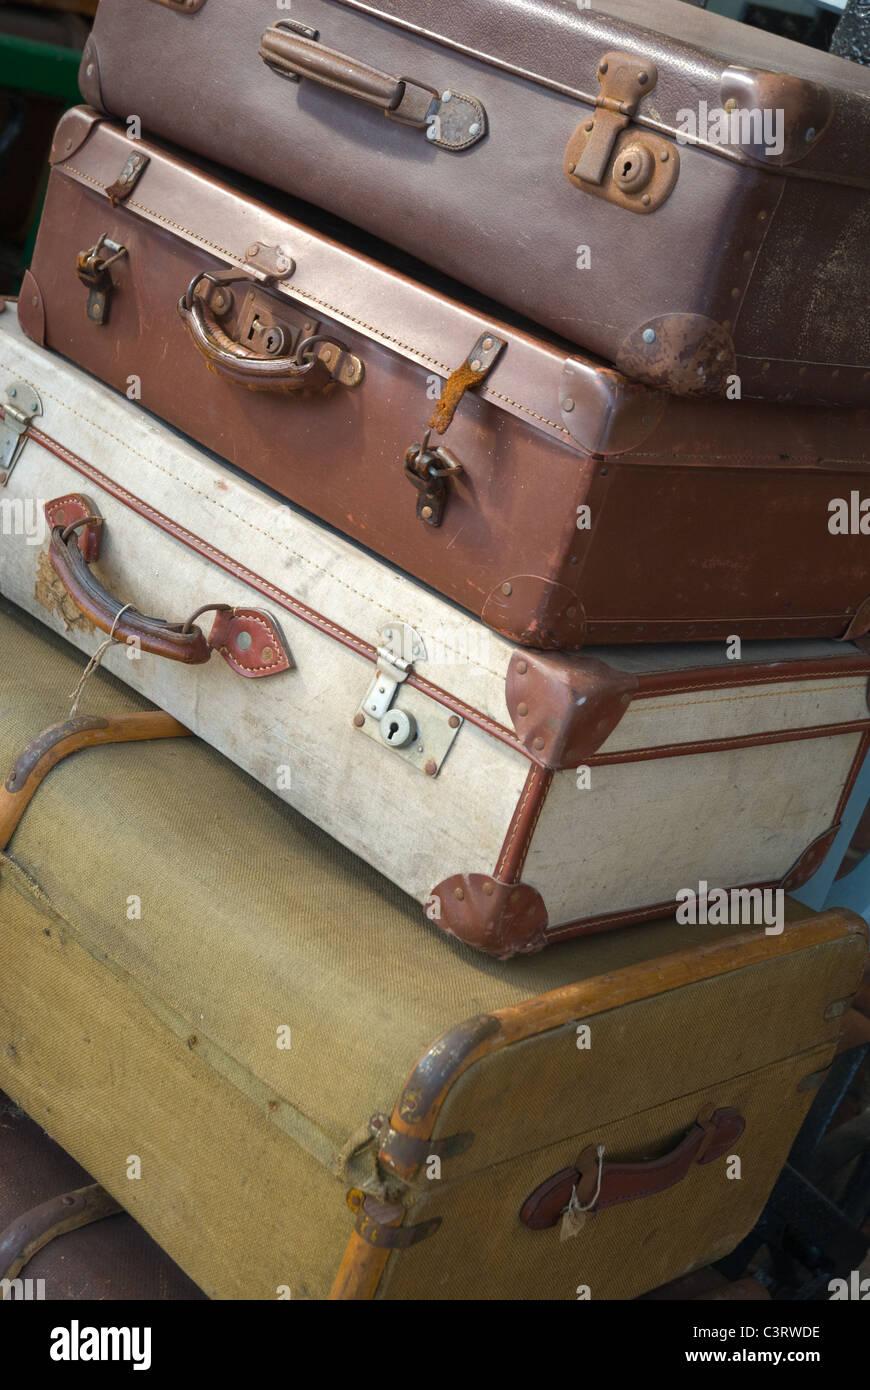 Reisegepäck auf einem Bahnsteig Stockbild